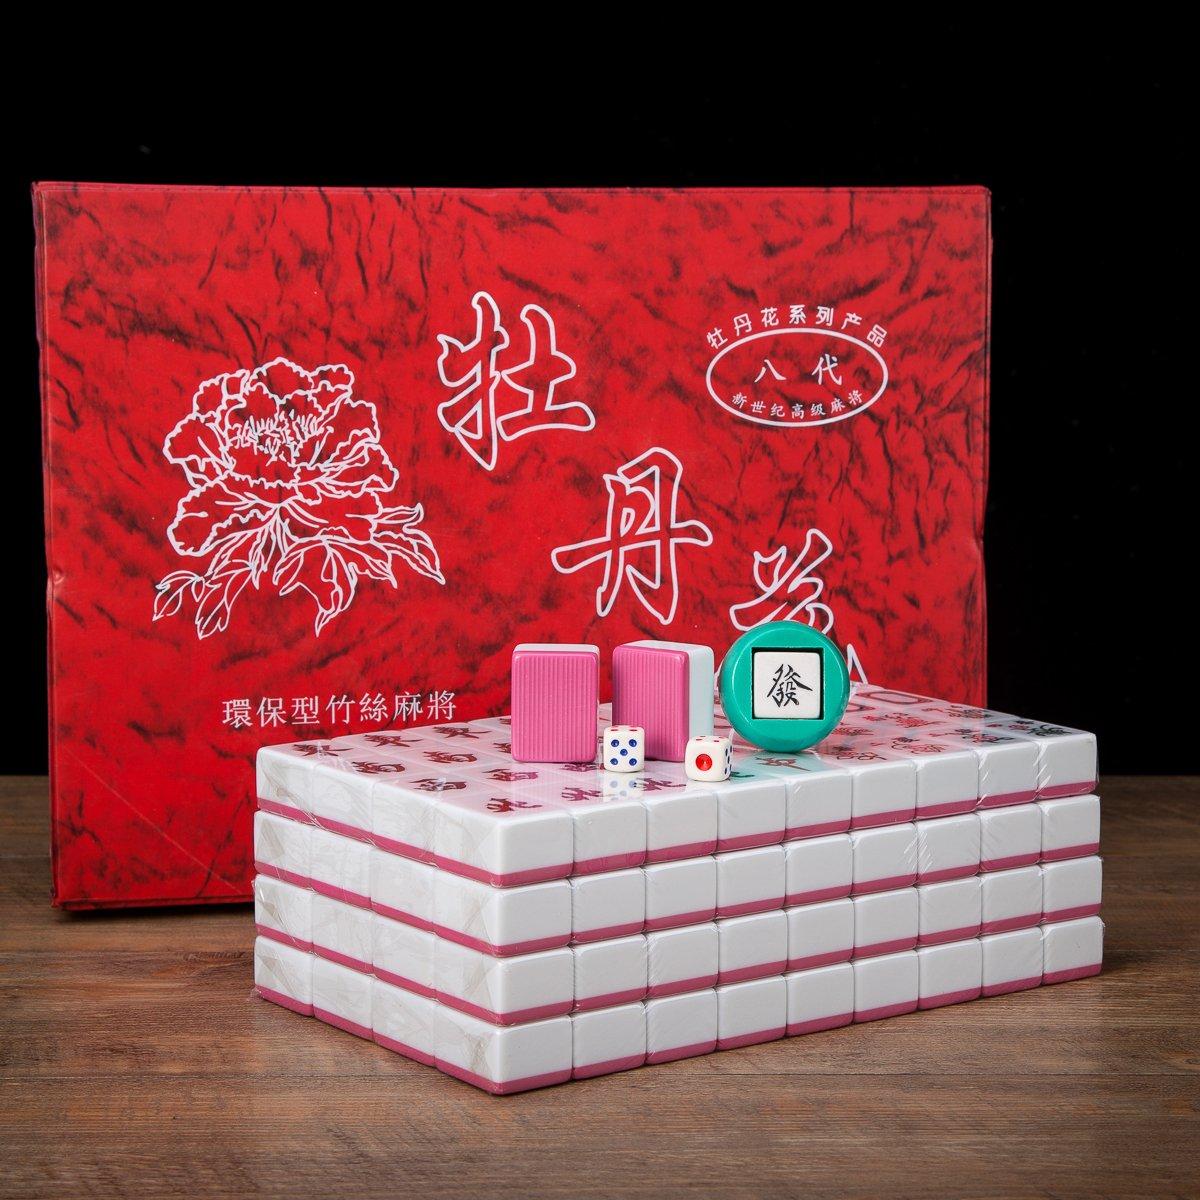 好評 [THYコレクティブル]THY COLLECTIBLES Spares Traditional Chinese Mahjong Game Set Tiles B01N0P9QJP 144 + 2 Spares Pink Color Tiles GAM210 [並行輸入品] B01N0P9QJP, 激安家電の店 愛グループ:359eca50 --- yelica.com